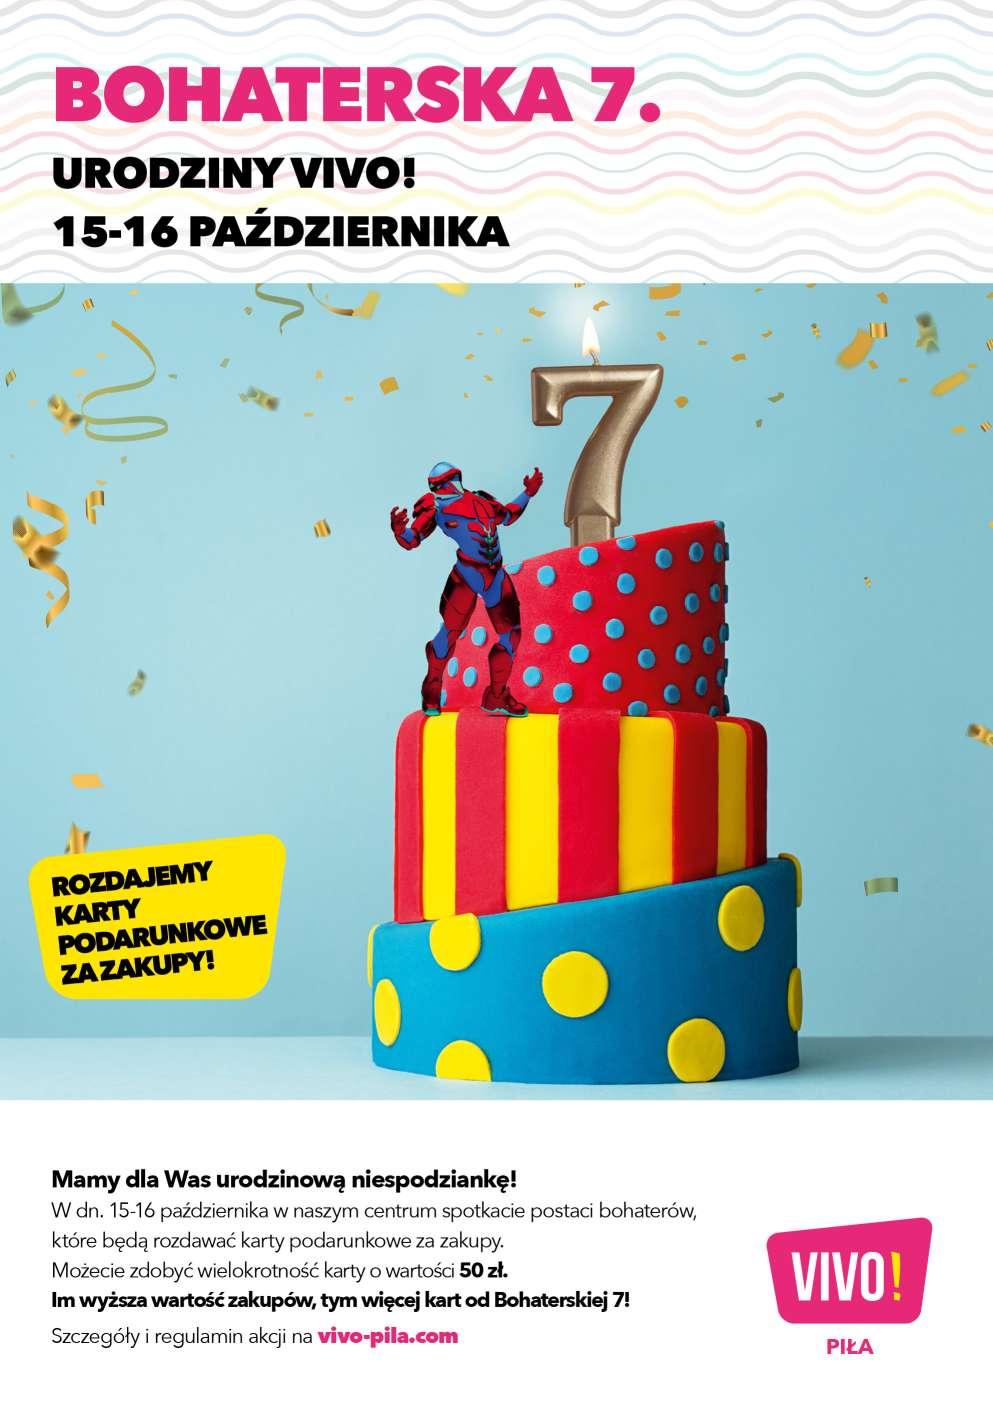 Świętuj 7. urodziny VIVO! Piła z Bohaterską 7